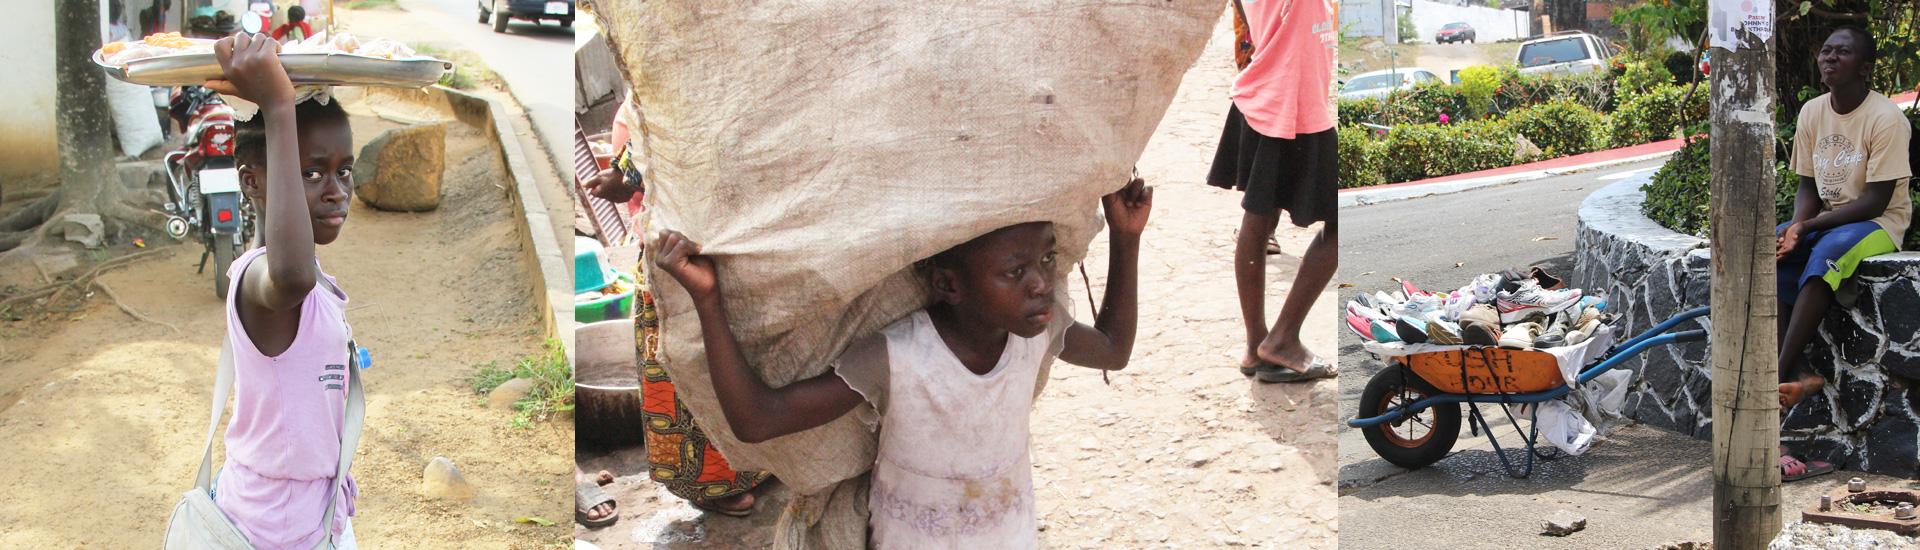 El trabajo infantil impide ir al colegio a 152 millones de menores